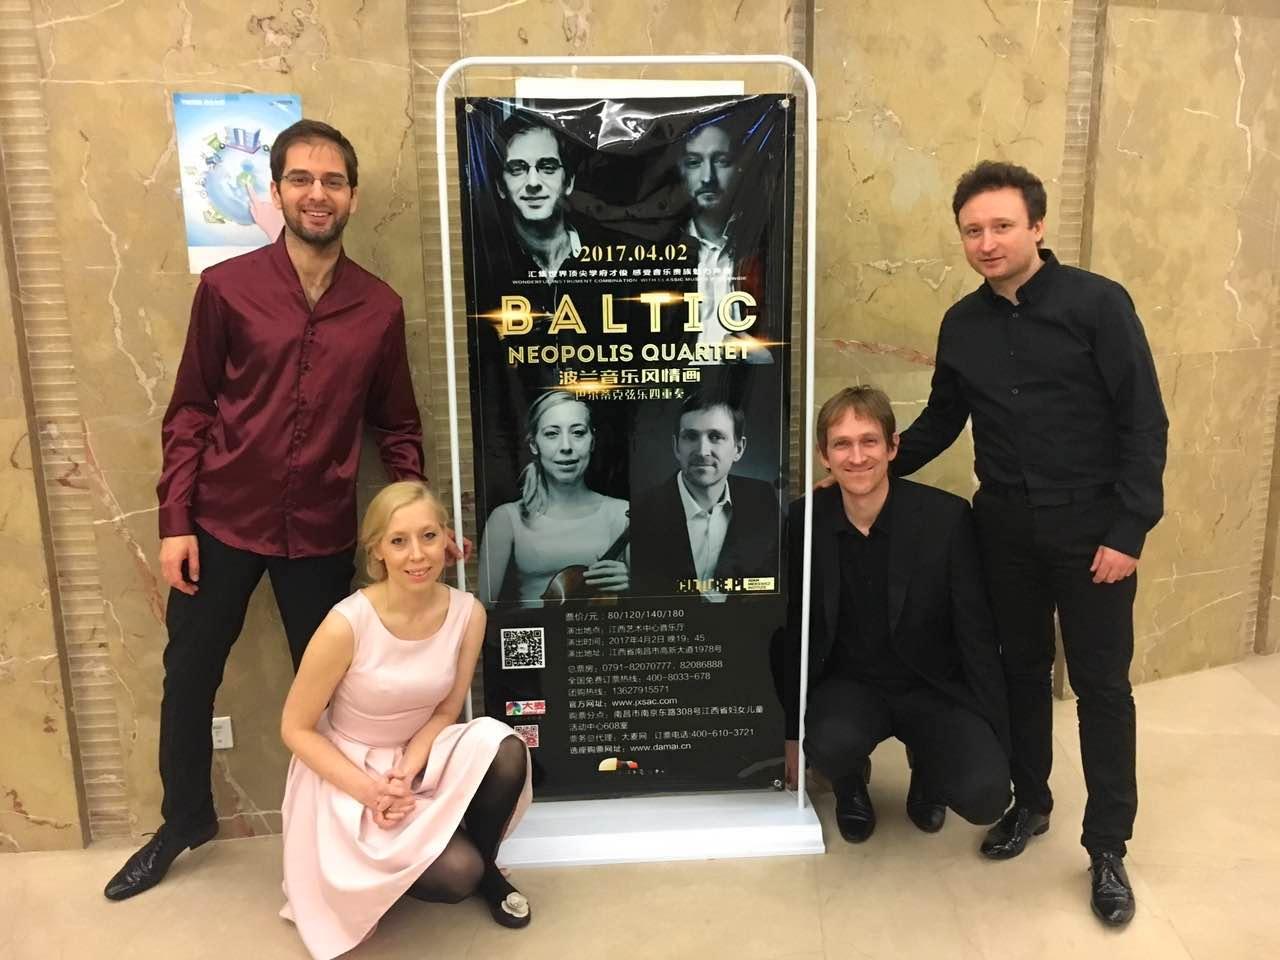 Baltic Neopolis Quartet zakończył tournée po Azji